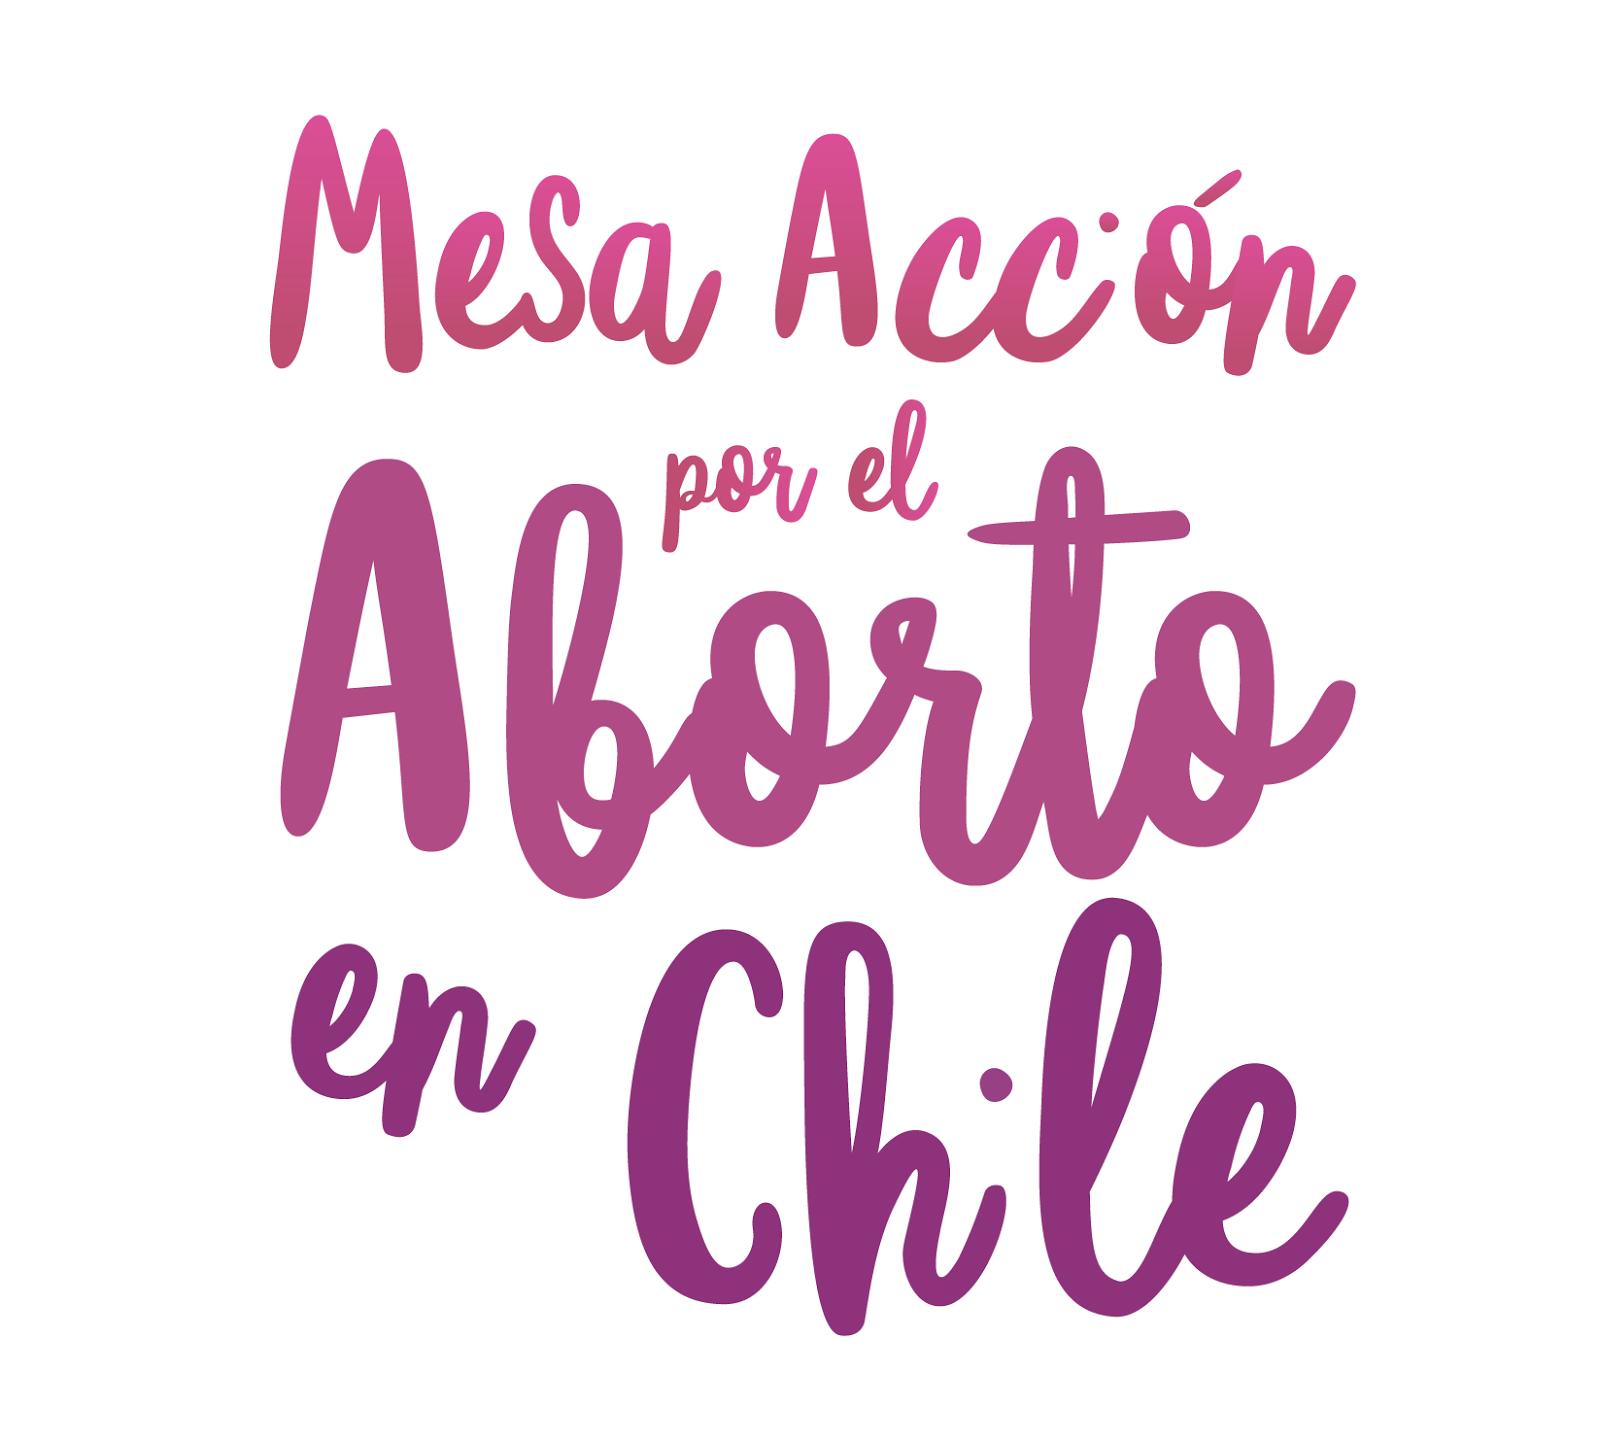 Mesa Acción por el Aborto en Chile